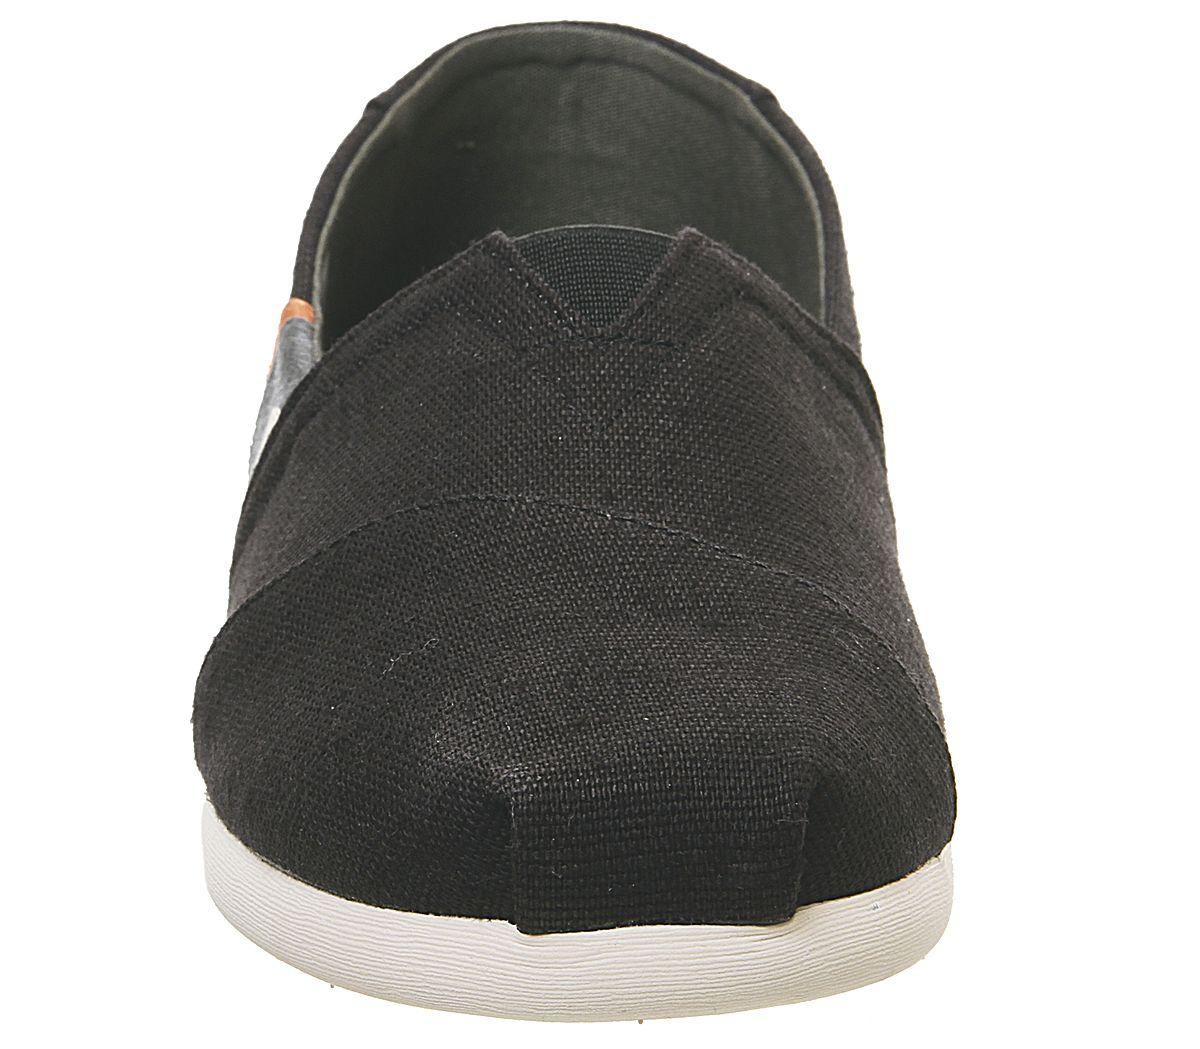 Da-Uomo-Toms-Toms-Classic-Nero-Oliva-Blocco-Tela-Scarpe-Casual miniatura 3